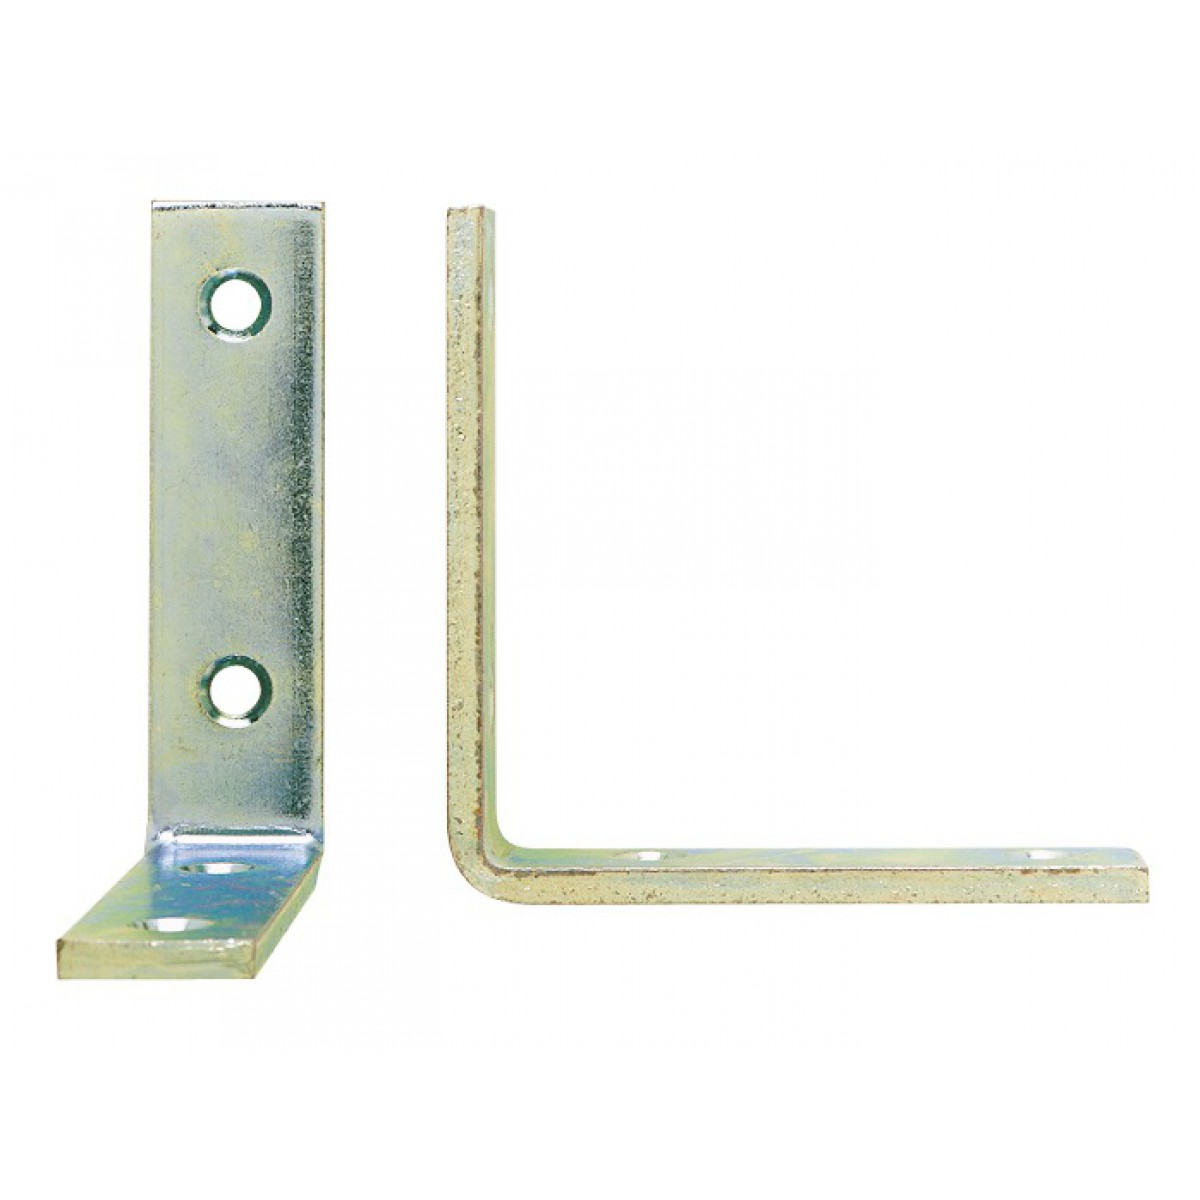 Equerre de renfort bouts carrés Jardinier Massard - Longueur Patte 140 mm - Largeur 18 mm